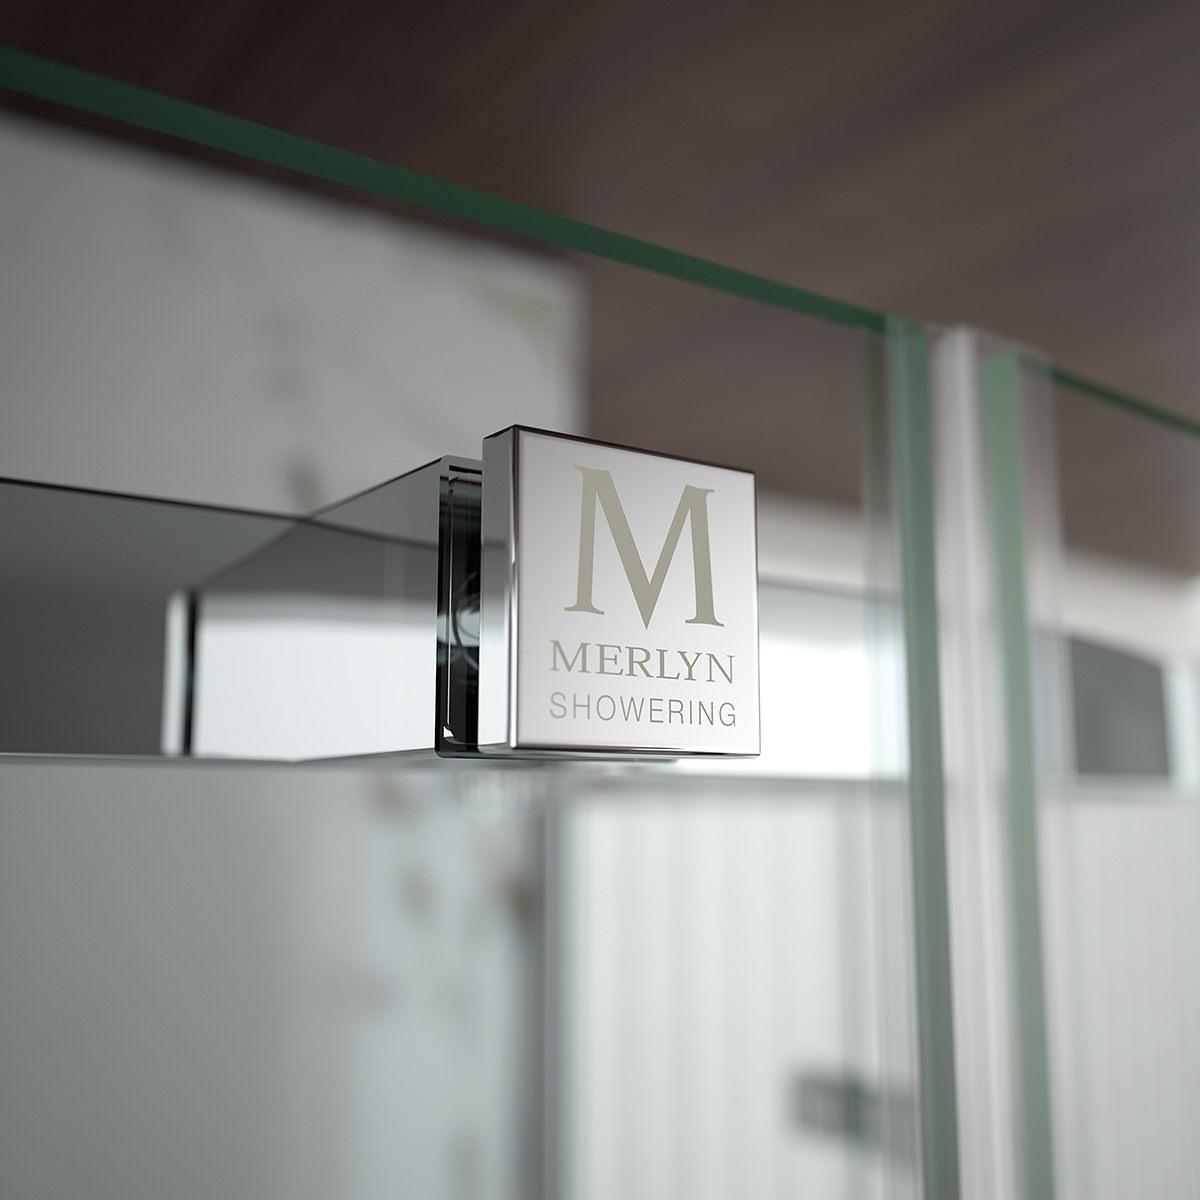 Merlyn 8 series frameless hinge and inline door 1000mm for 1000mm door